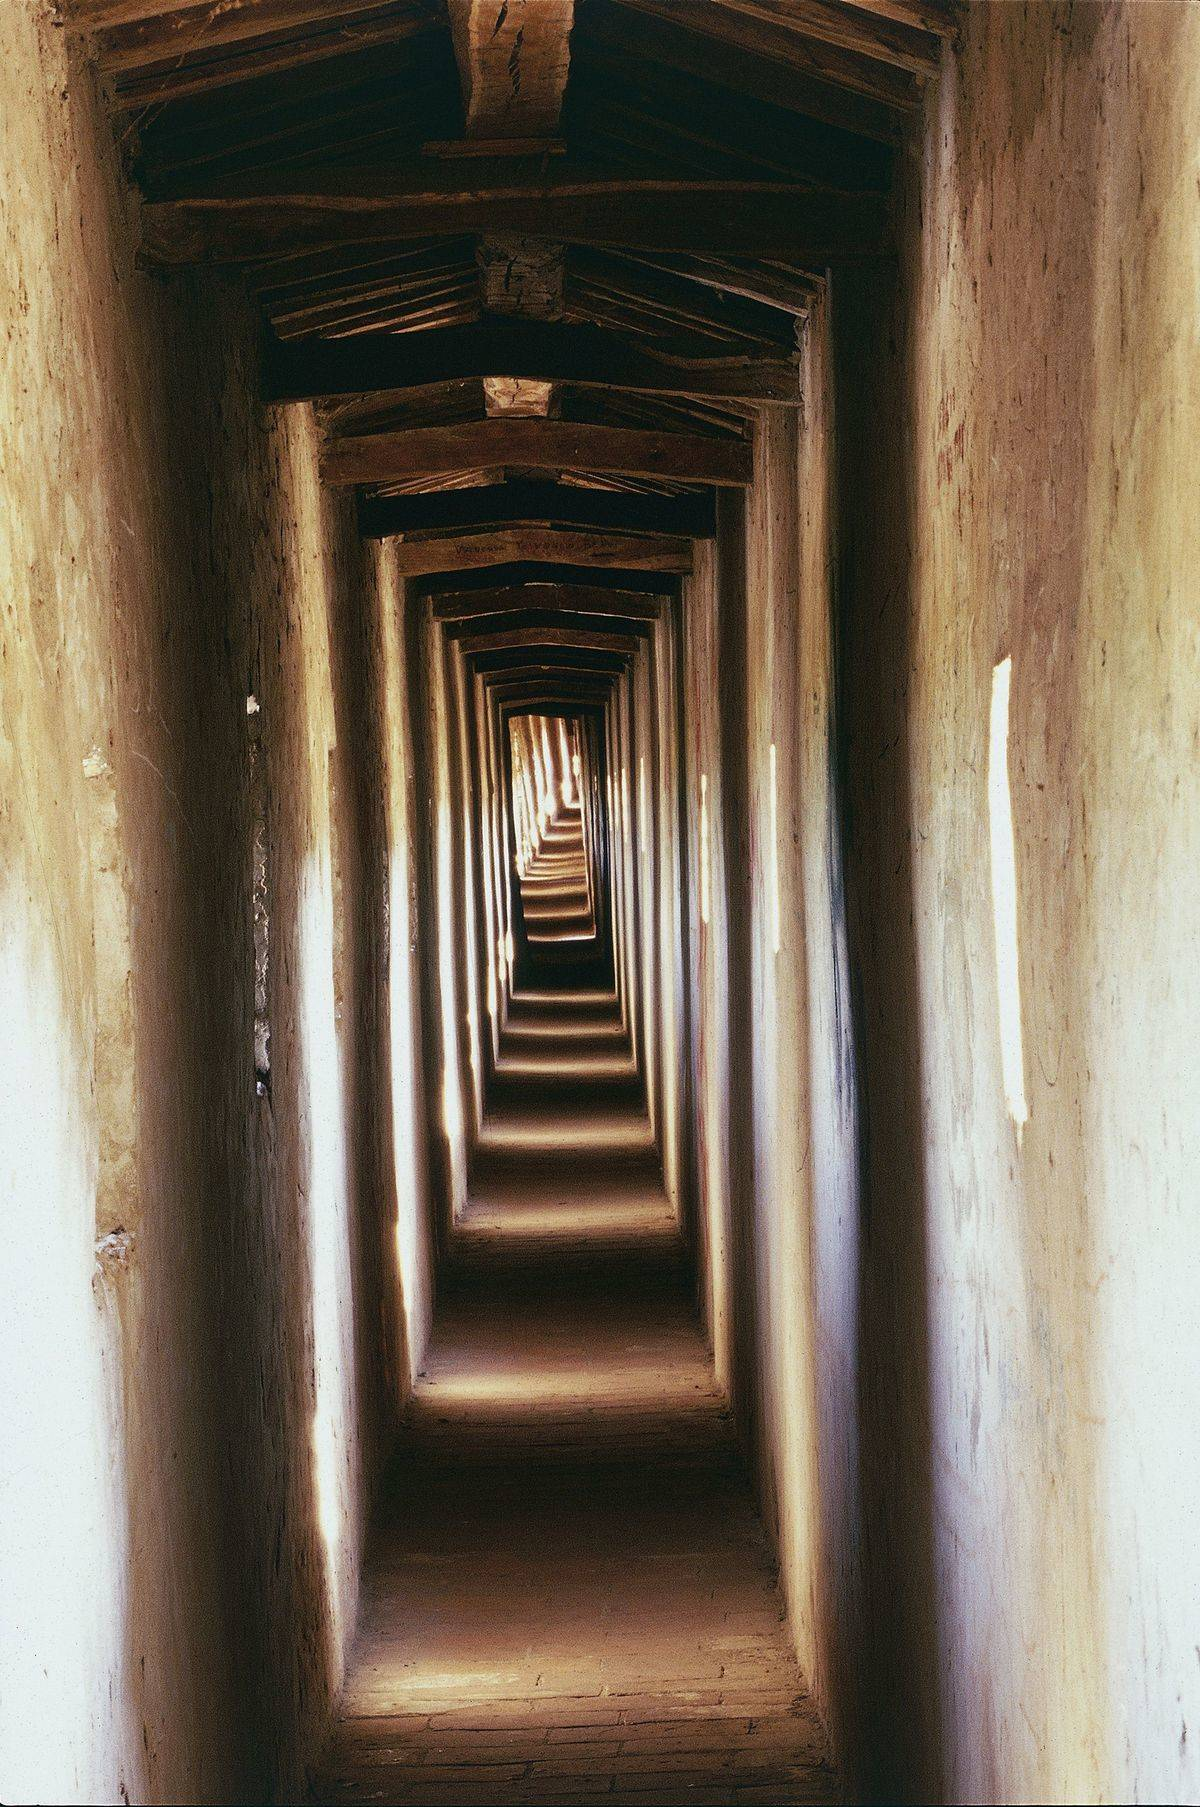 A narrow passageway is seen.